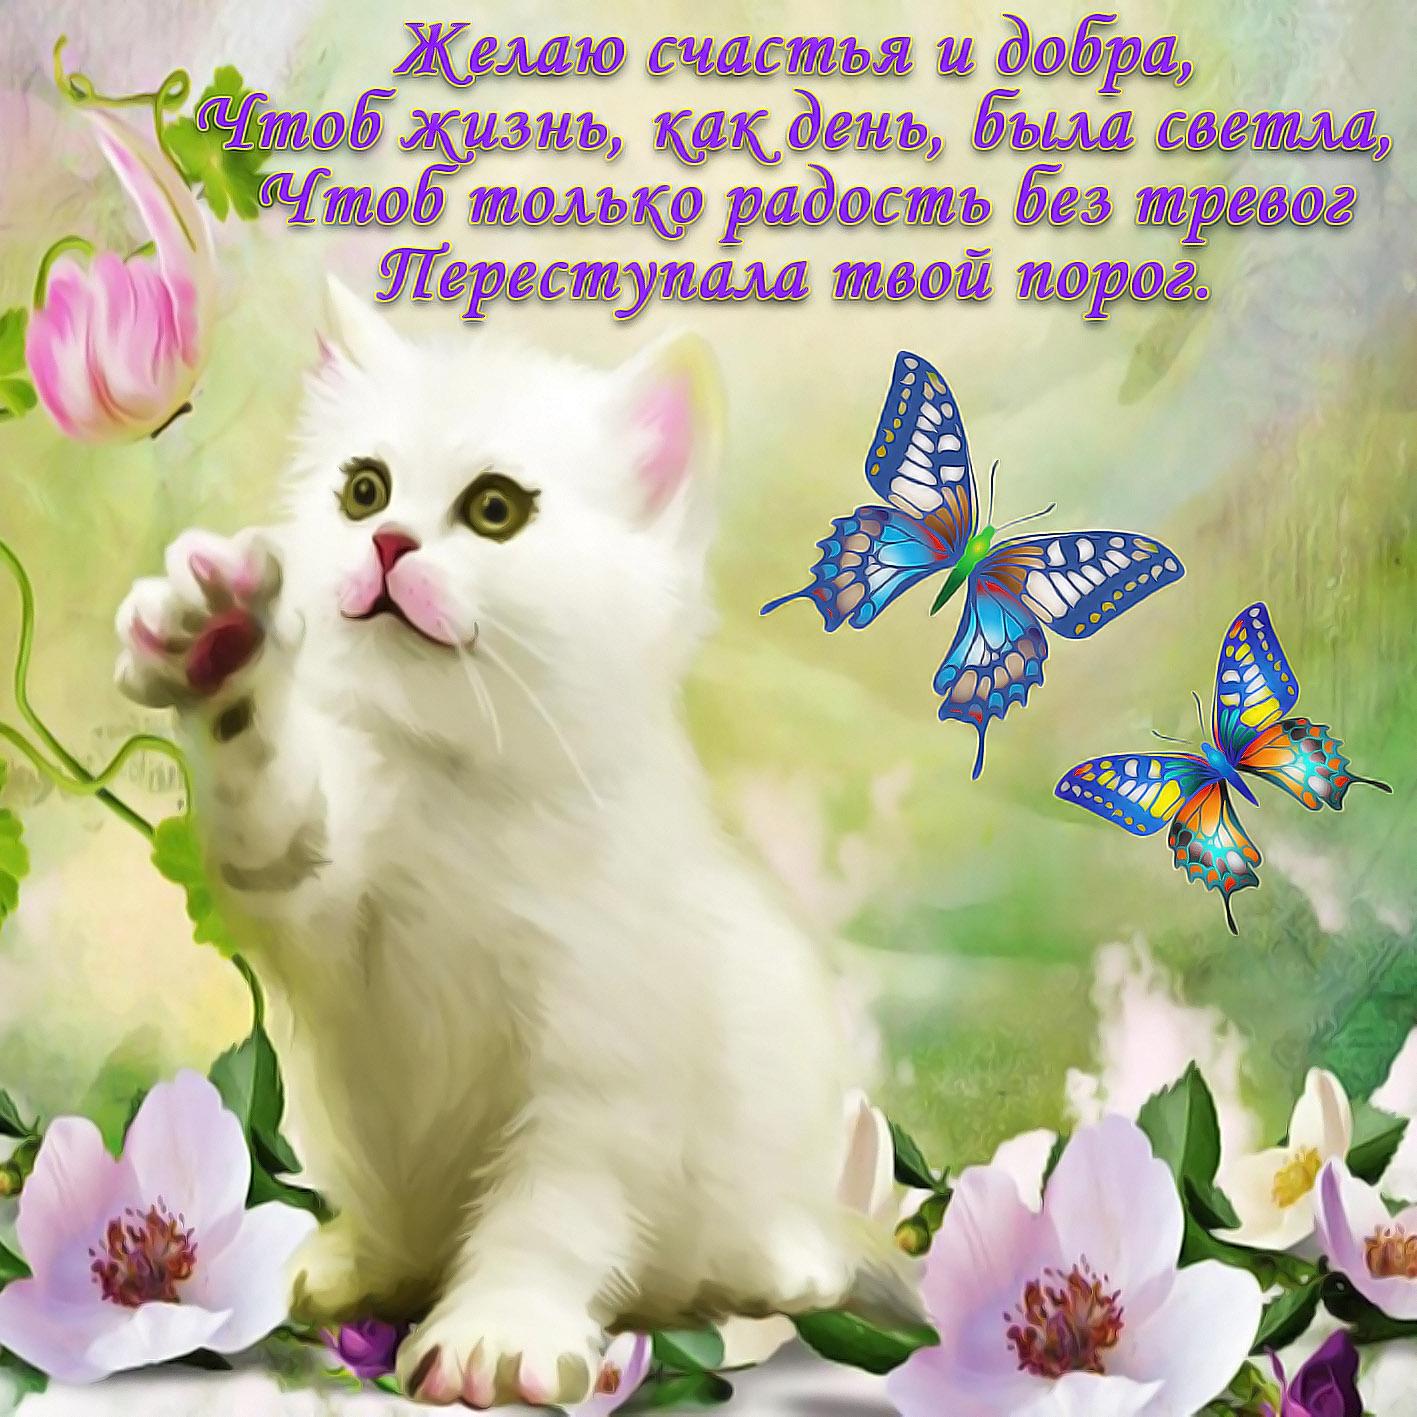 район открытки желаю хорошего настроения счастья добра мере